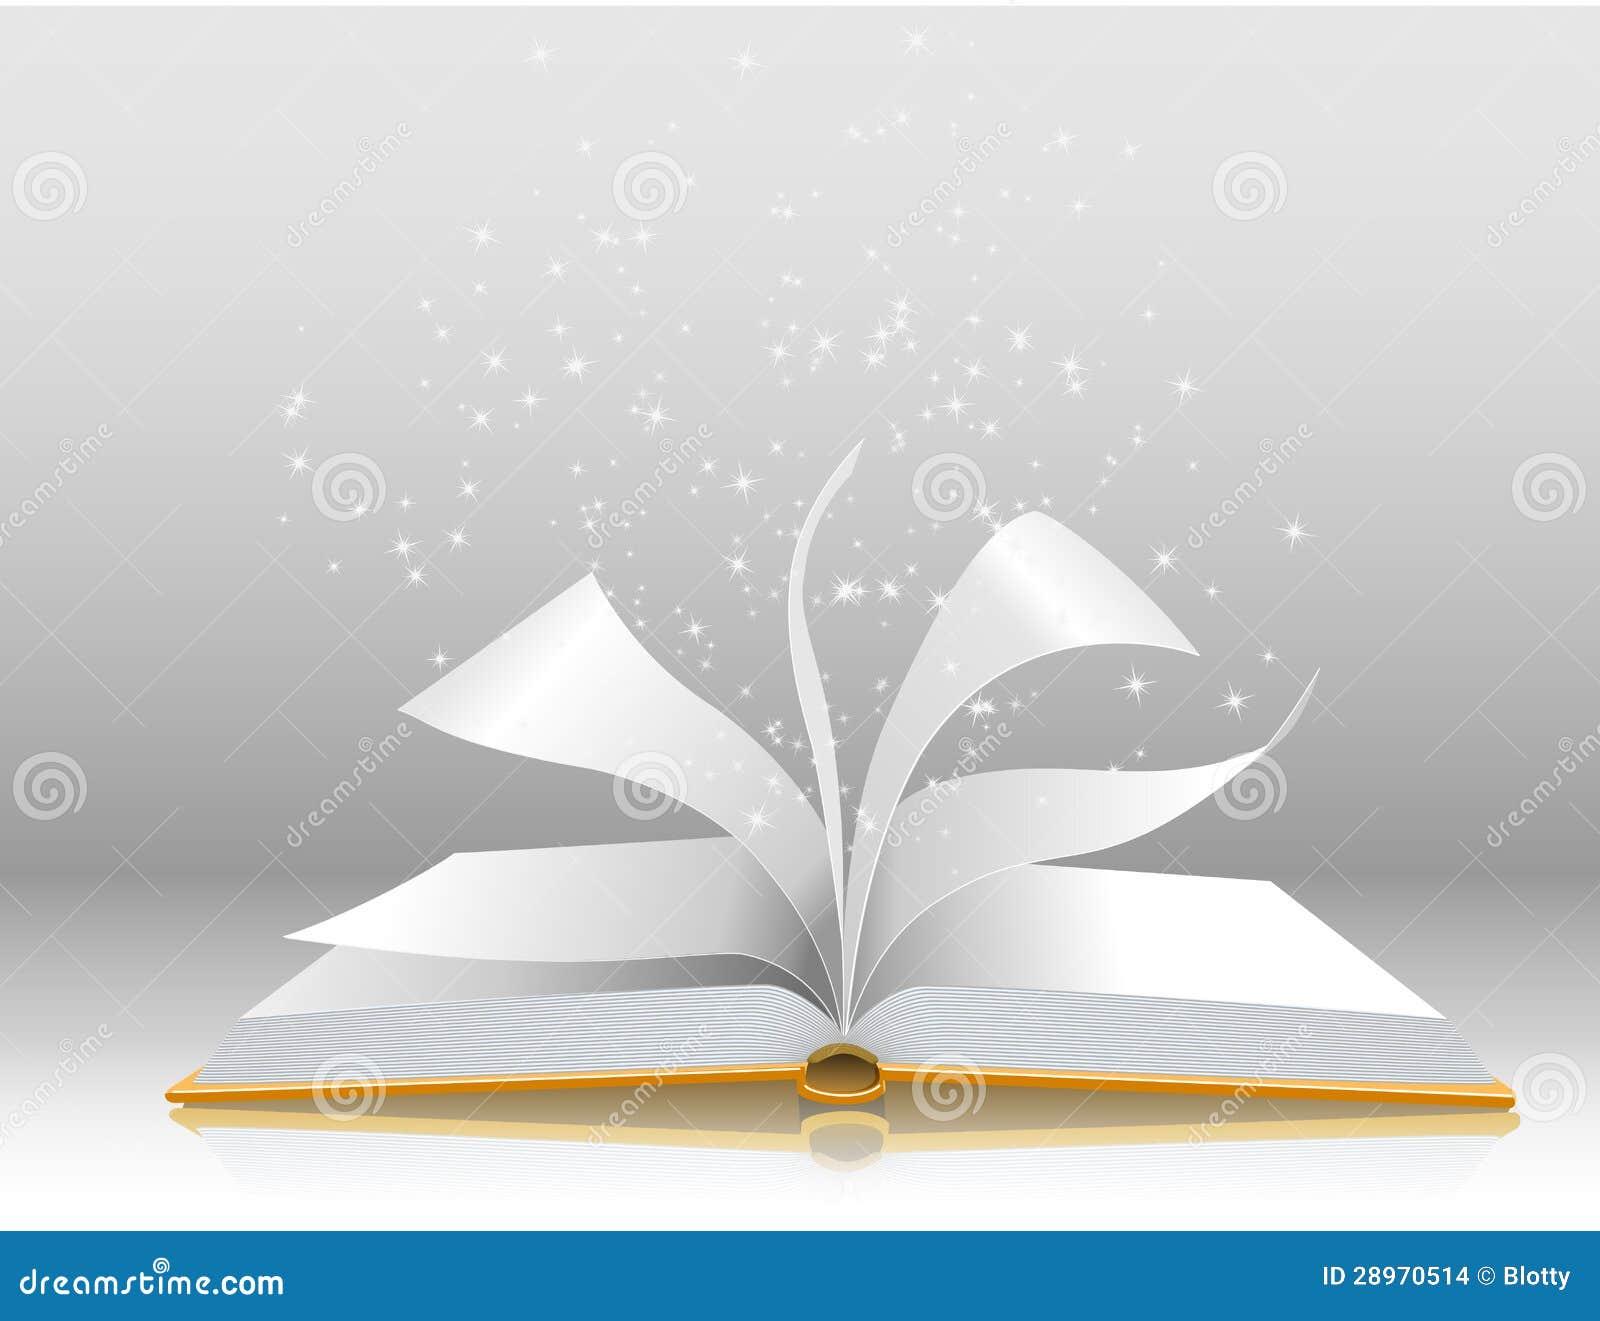 Illustration De Vecteur D Un Livre Ouvert Illustration De